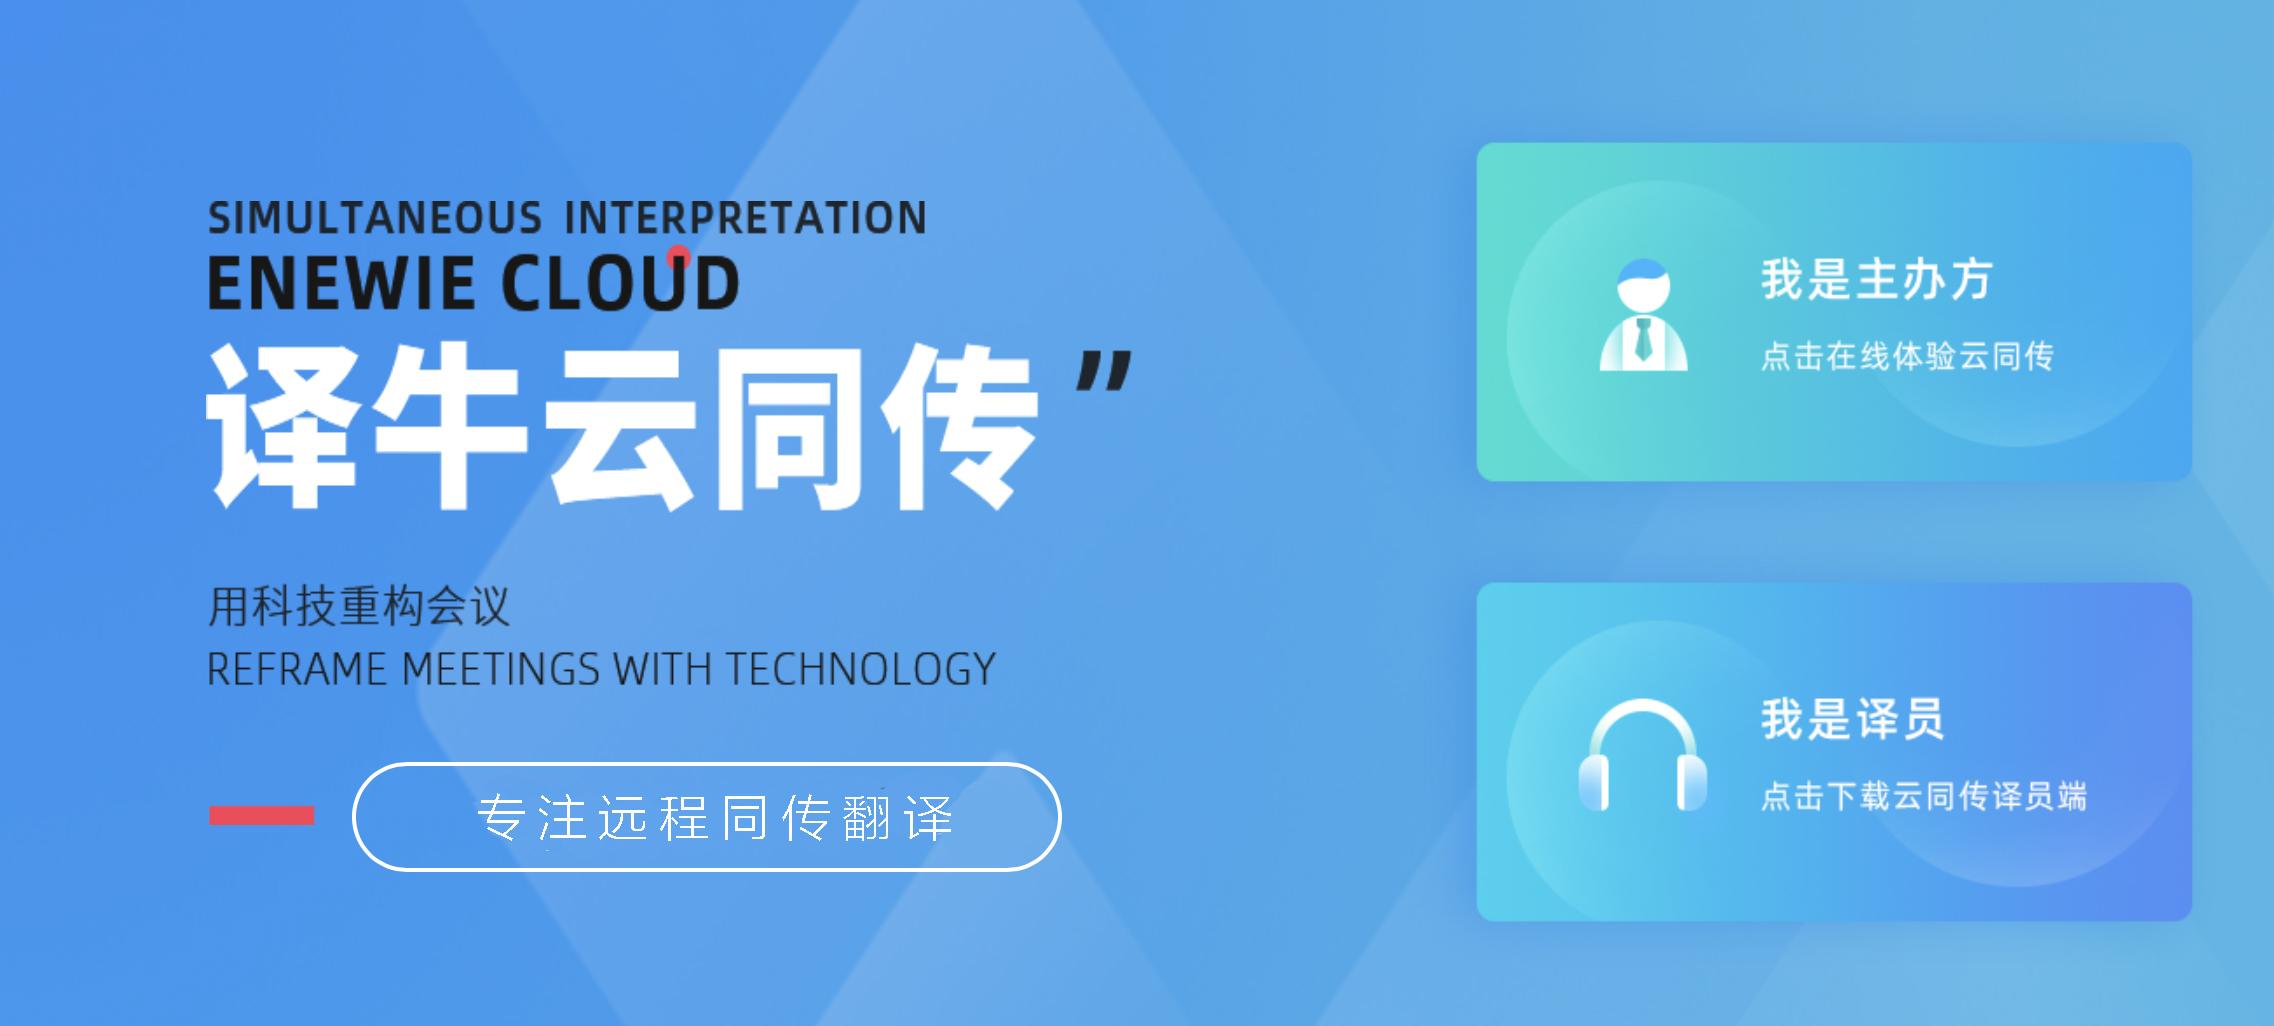 译牛科技:用科技重构会议 专注远程同传翻译